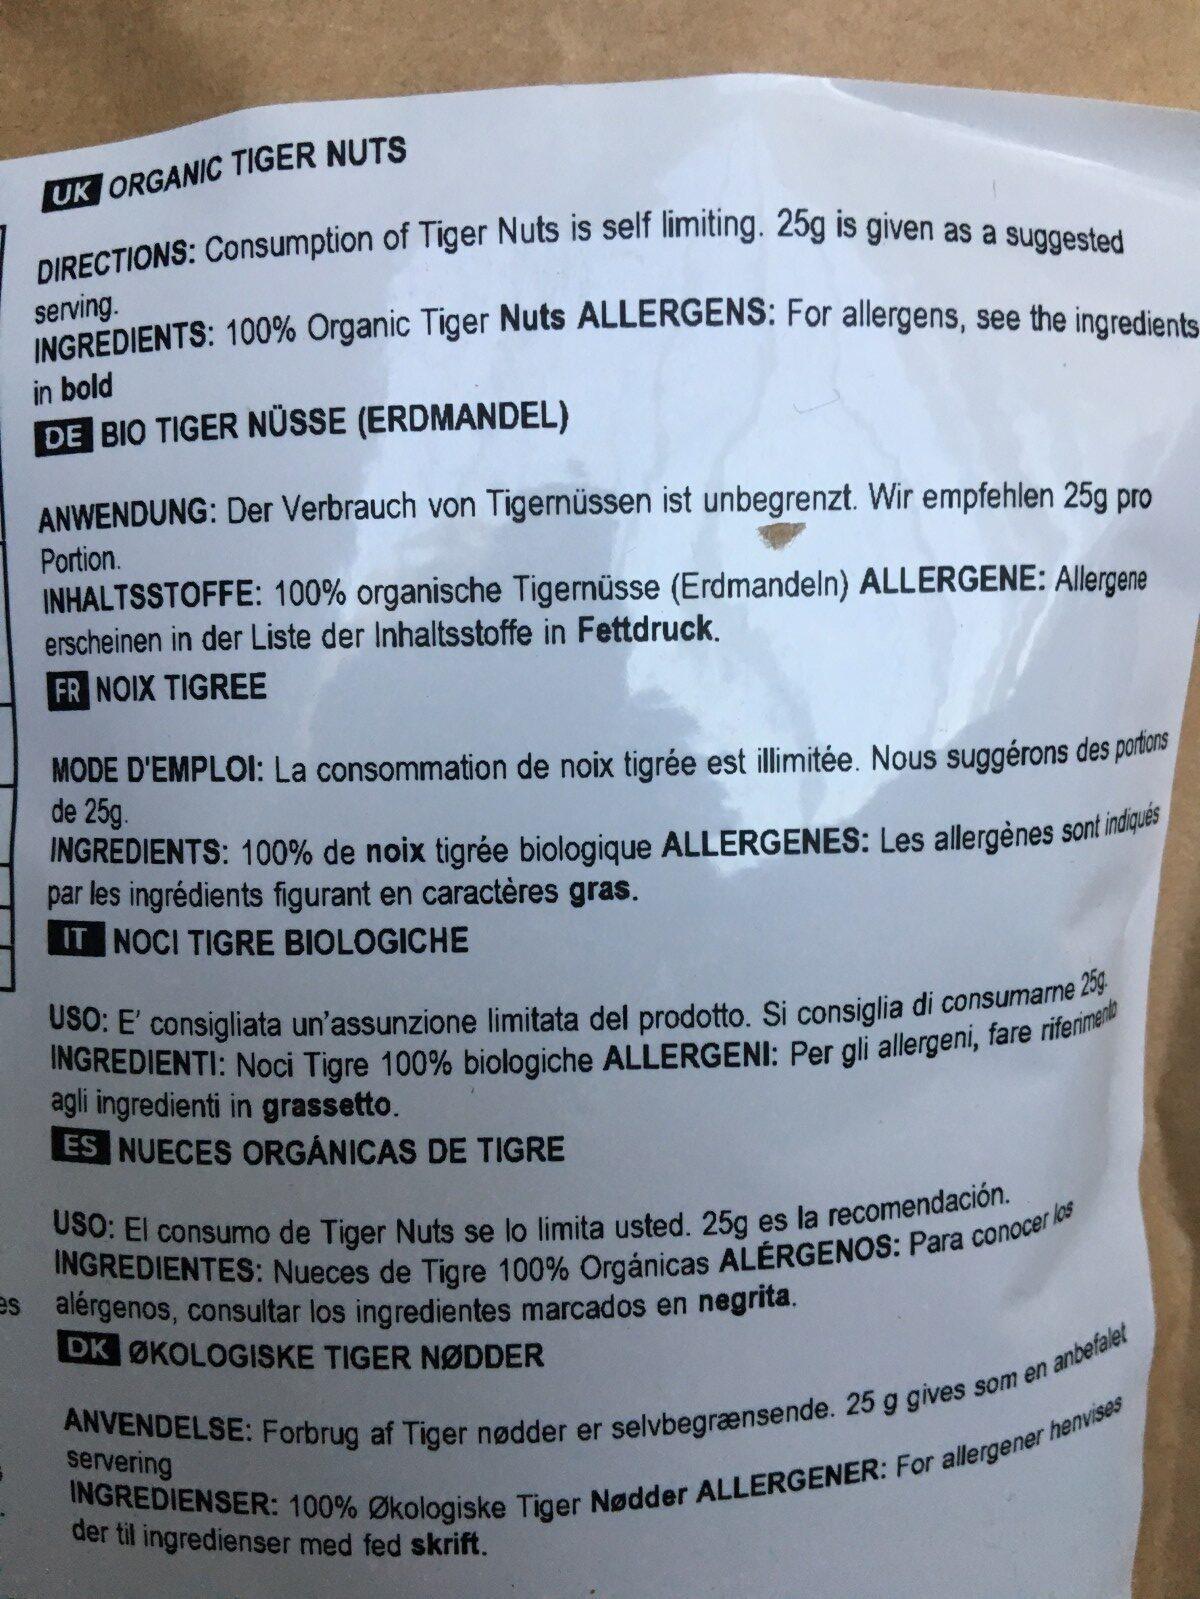 Noix tigree - Ingredients - fr